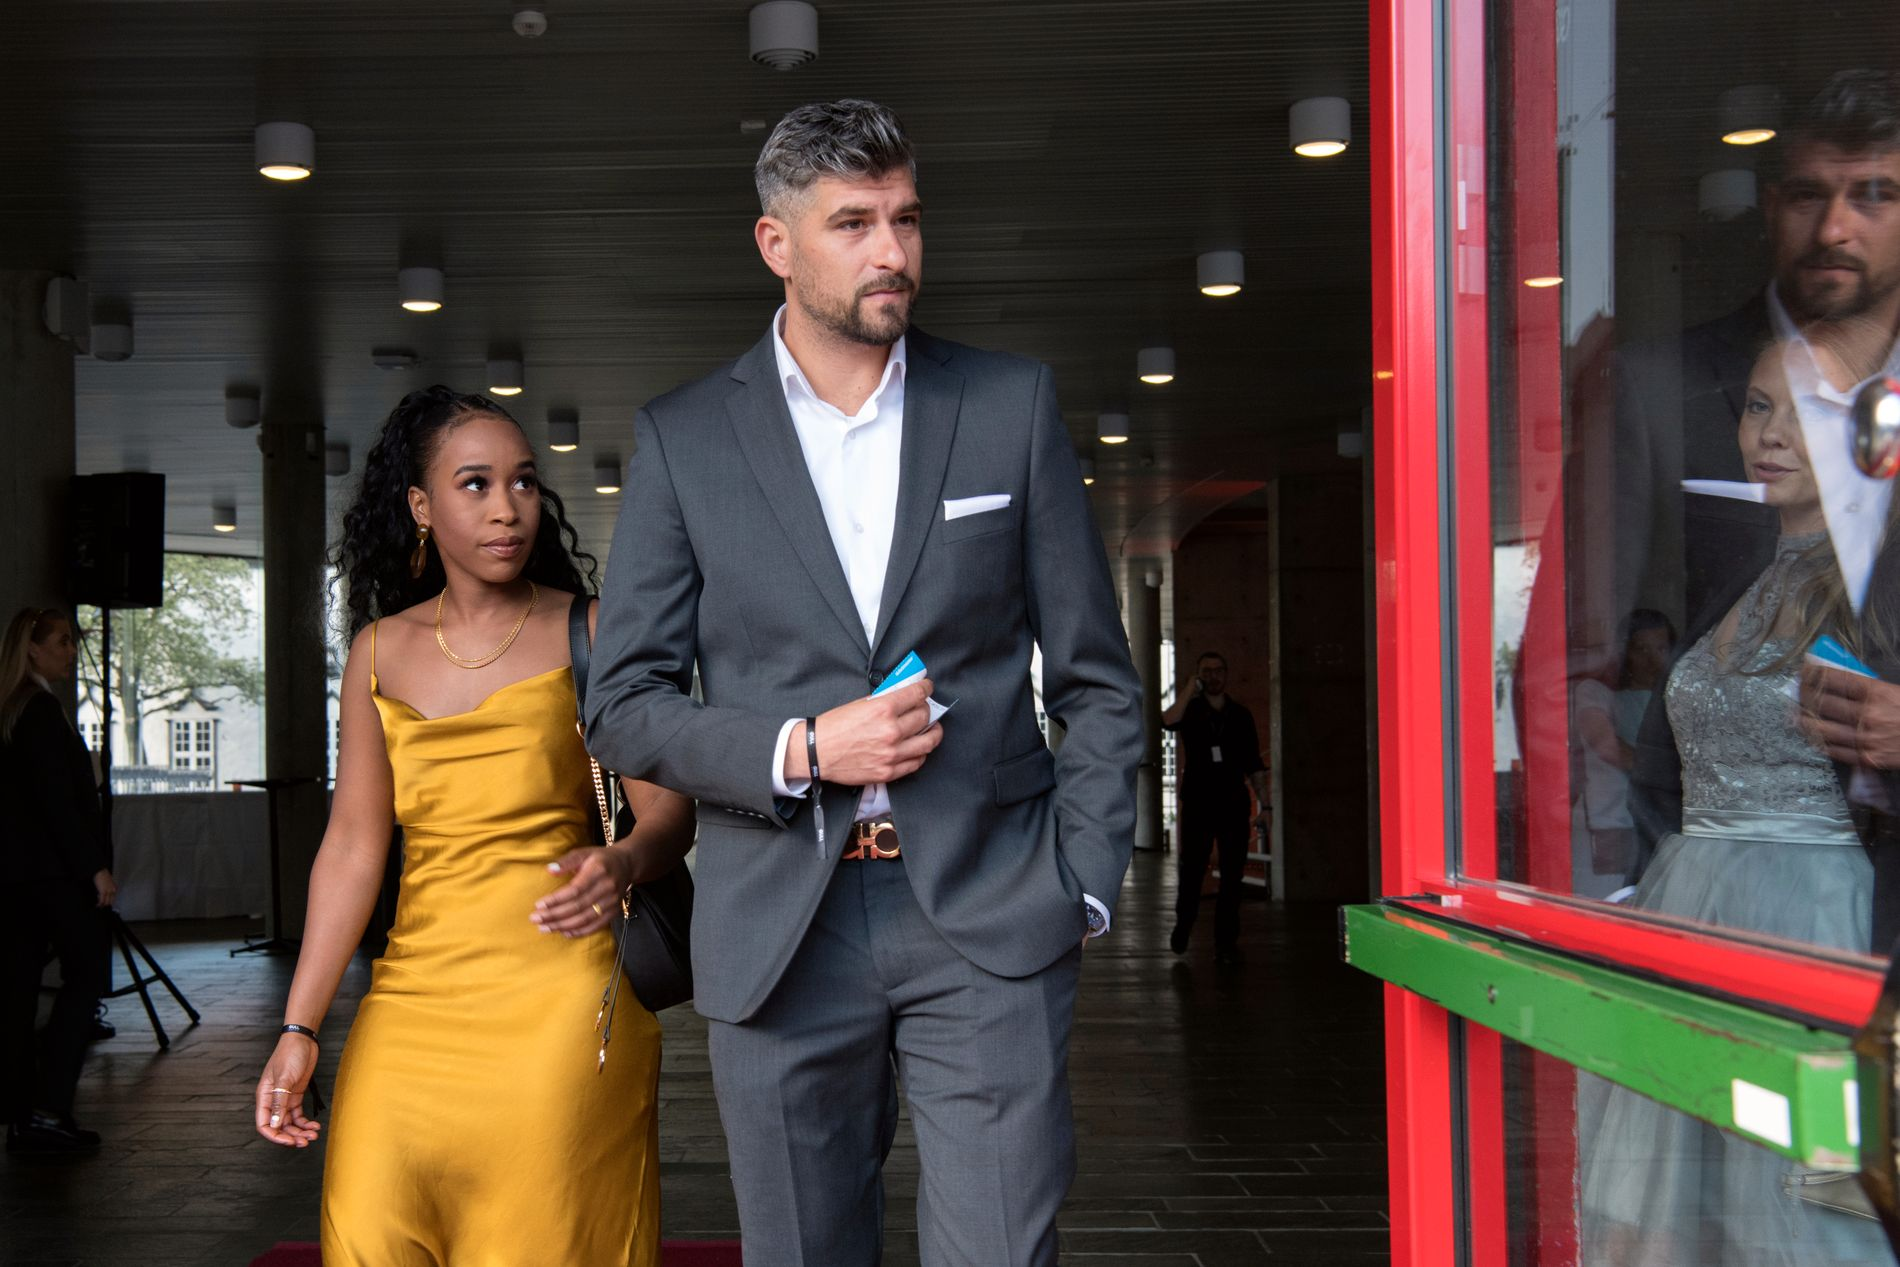 GULLRUTEN: Leo Ajkic var til stede under prisutdelingen lørdags kveld sammen med kjæresten Chiku Msombeli.